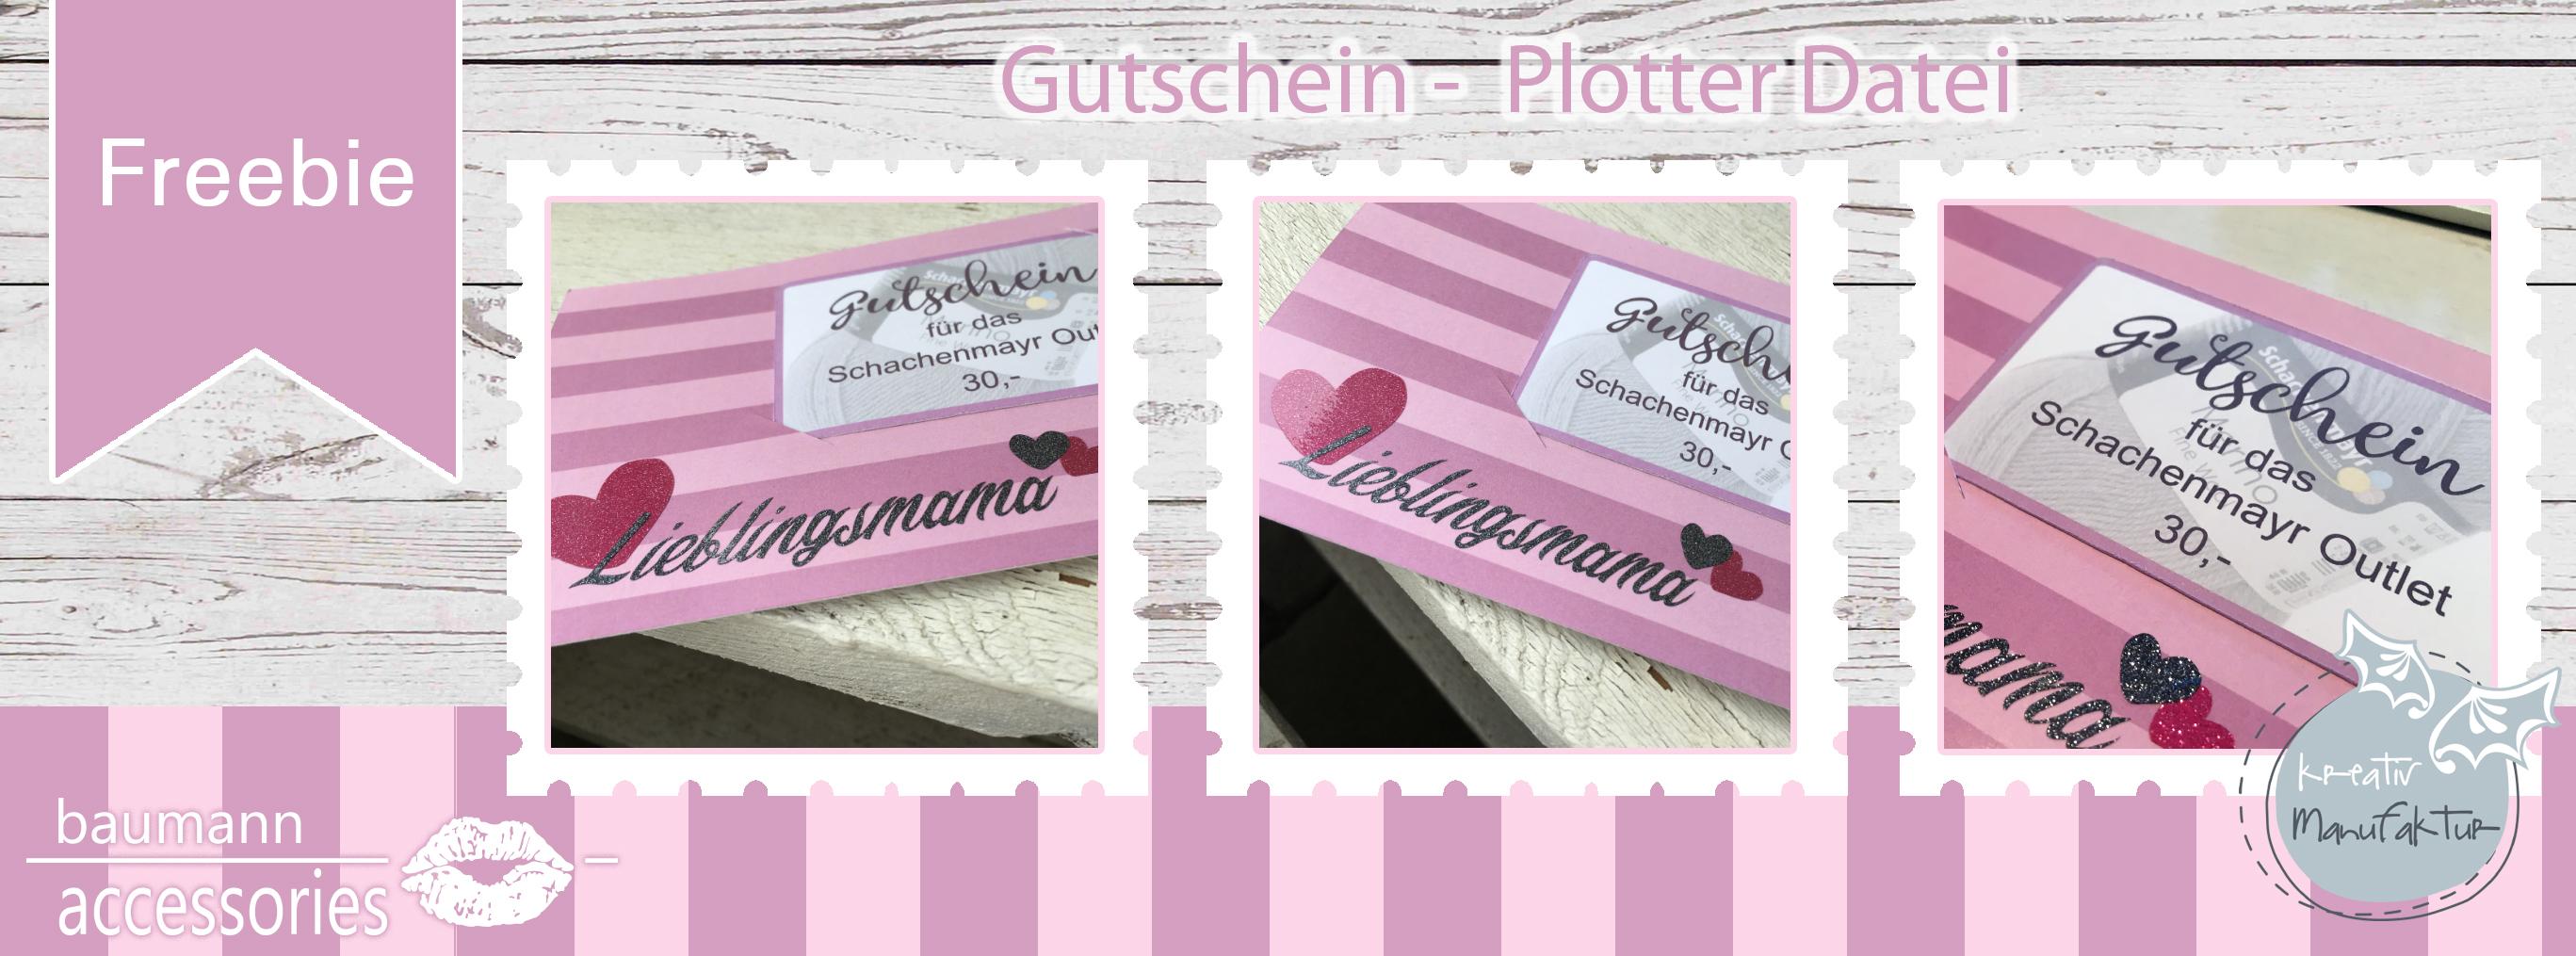 Collage Freebie Gutschein2